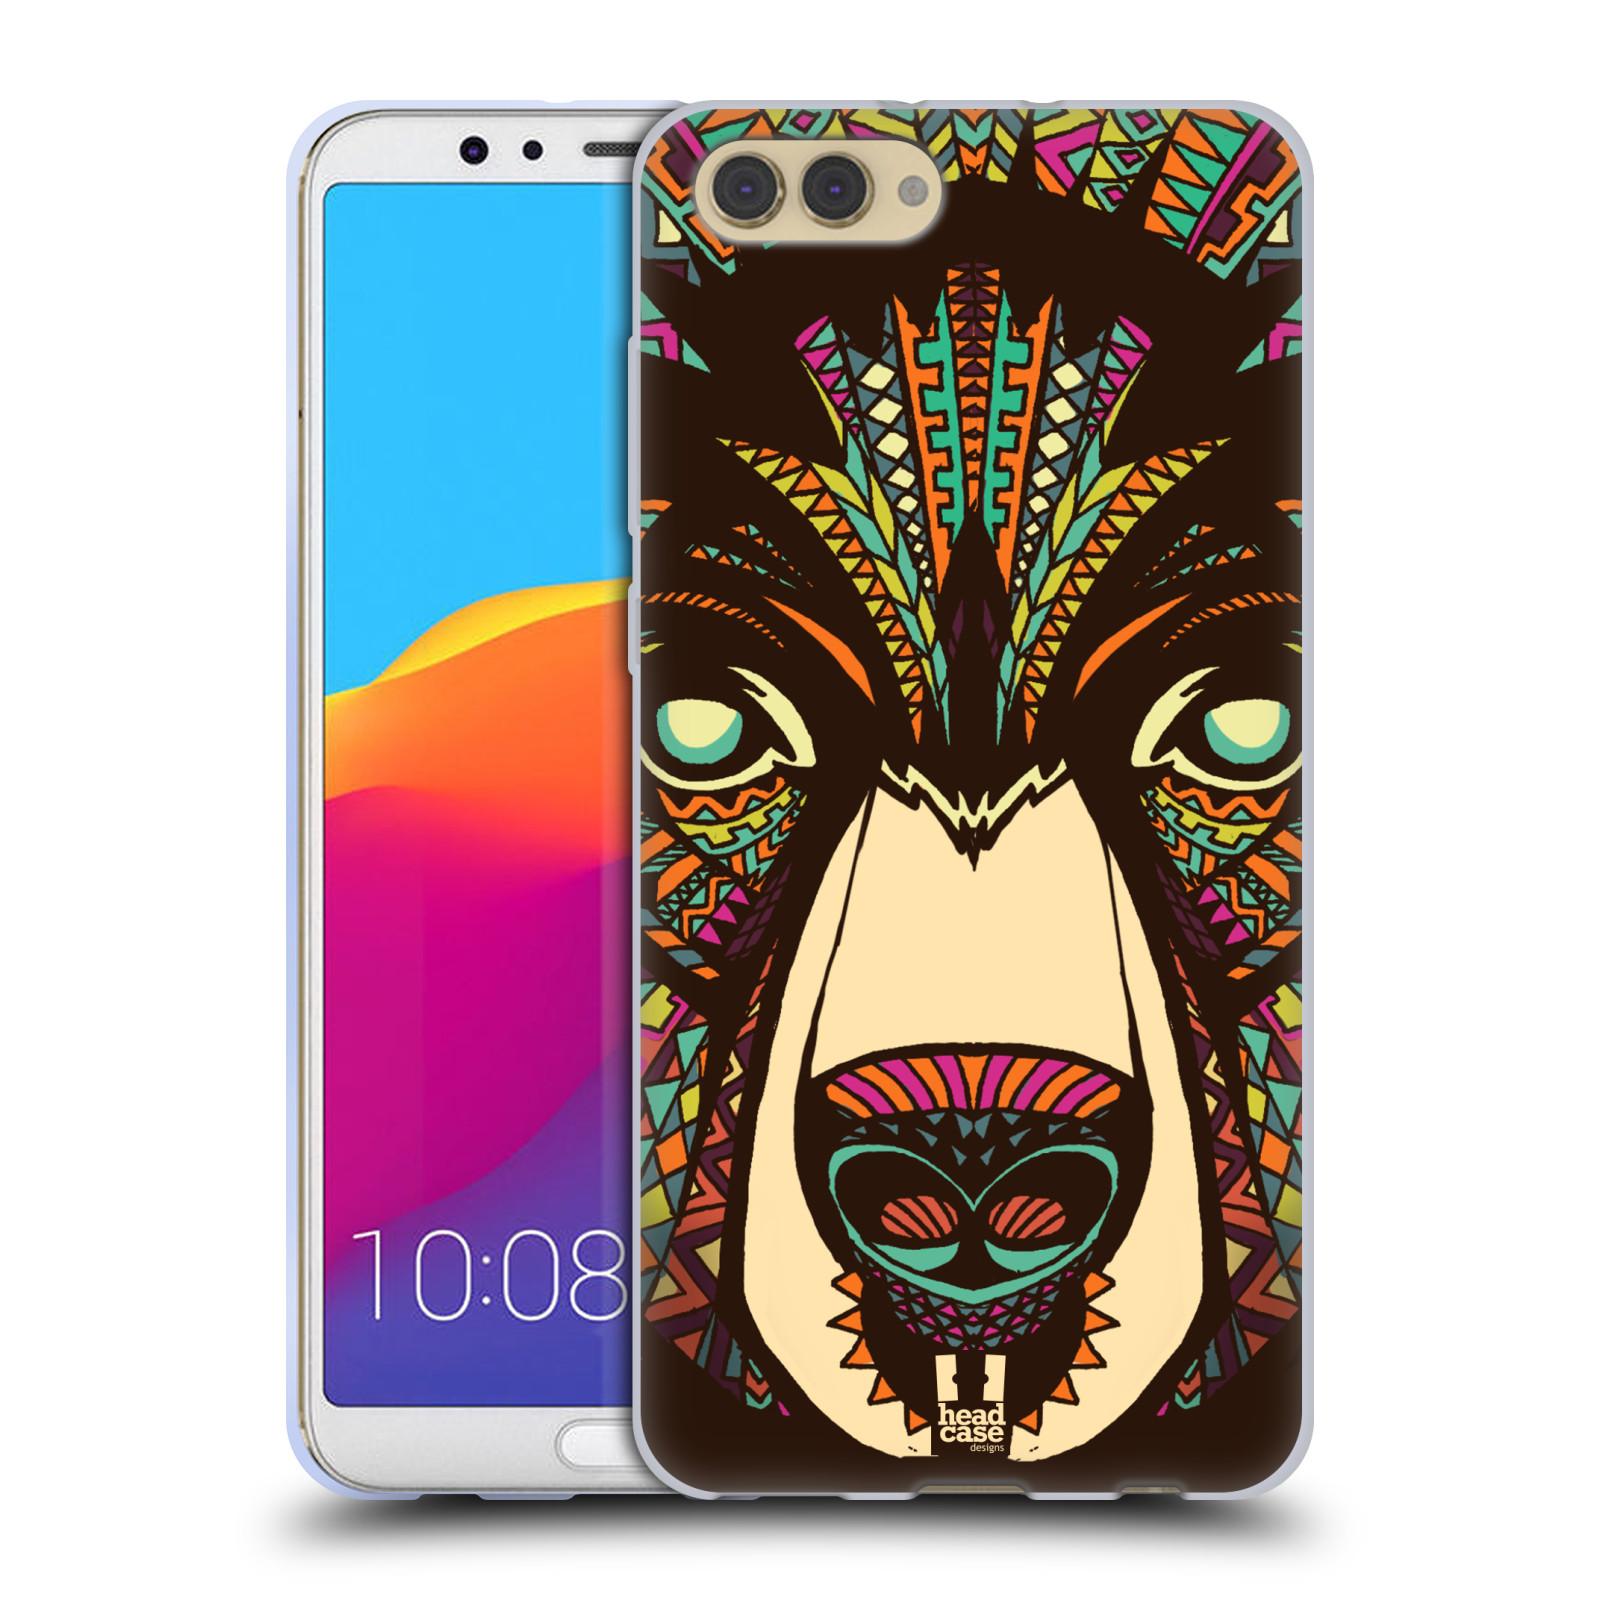 Silikonové pouzdro na mobil Honor View 10 - Head Case - AZTEC MEDVĚD